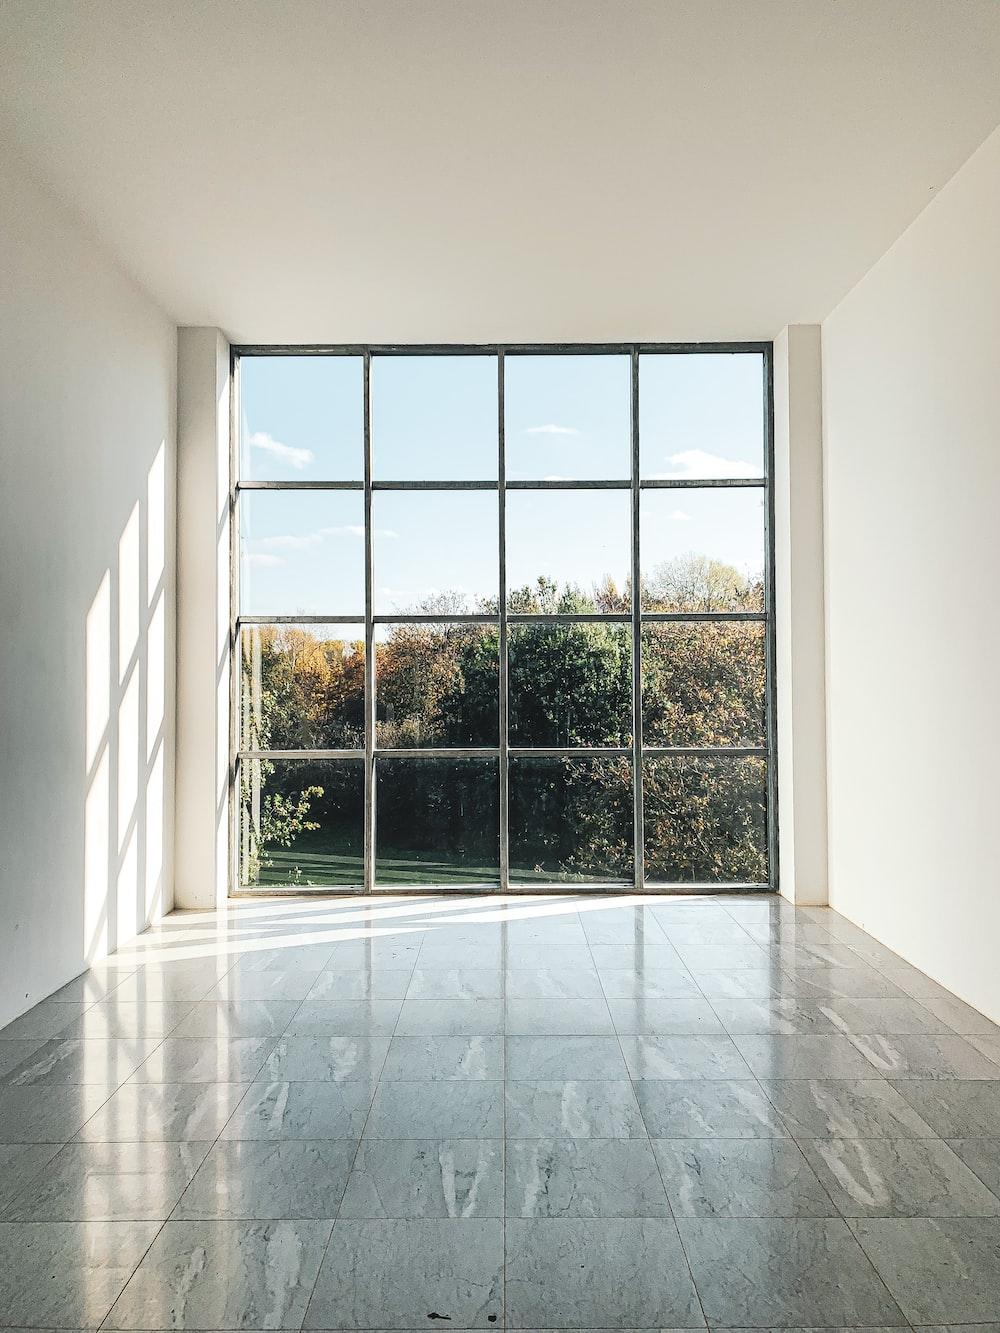 white framed glass window during daytime